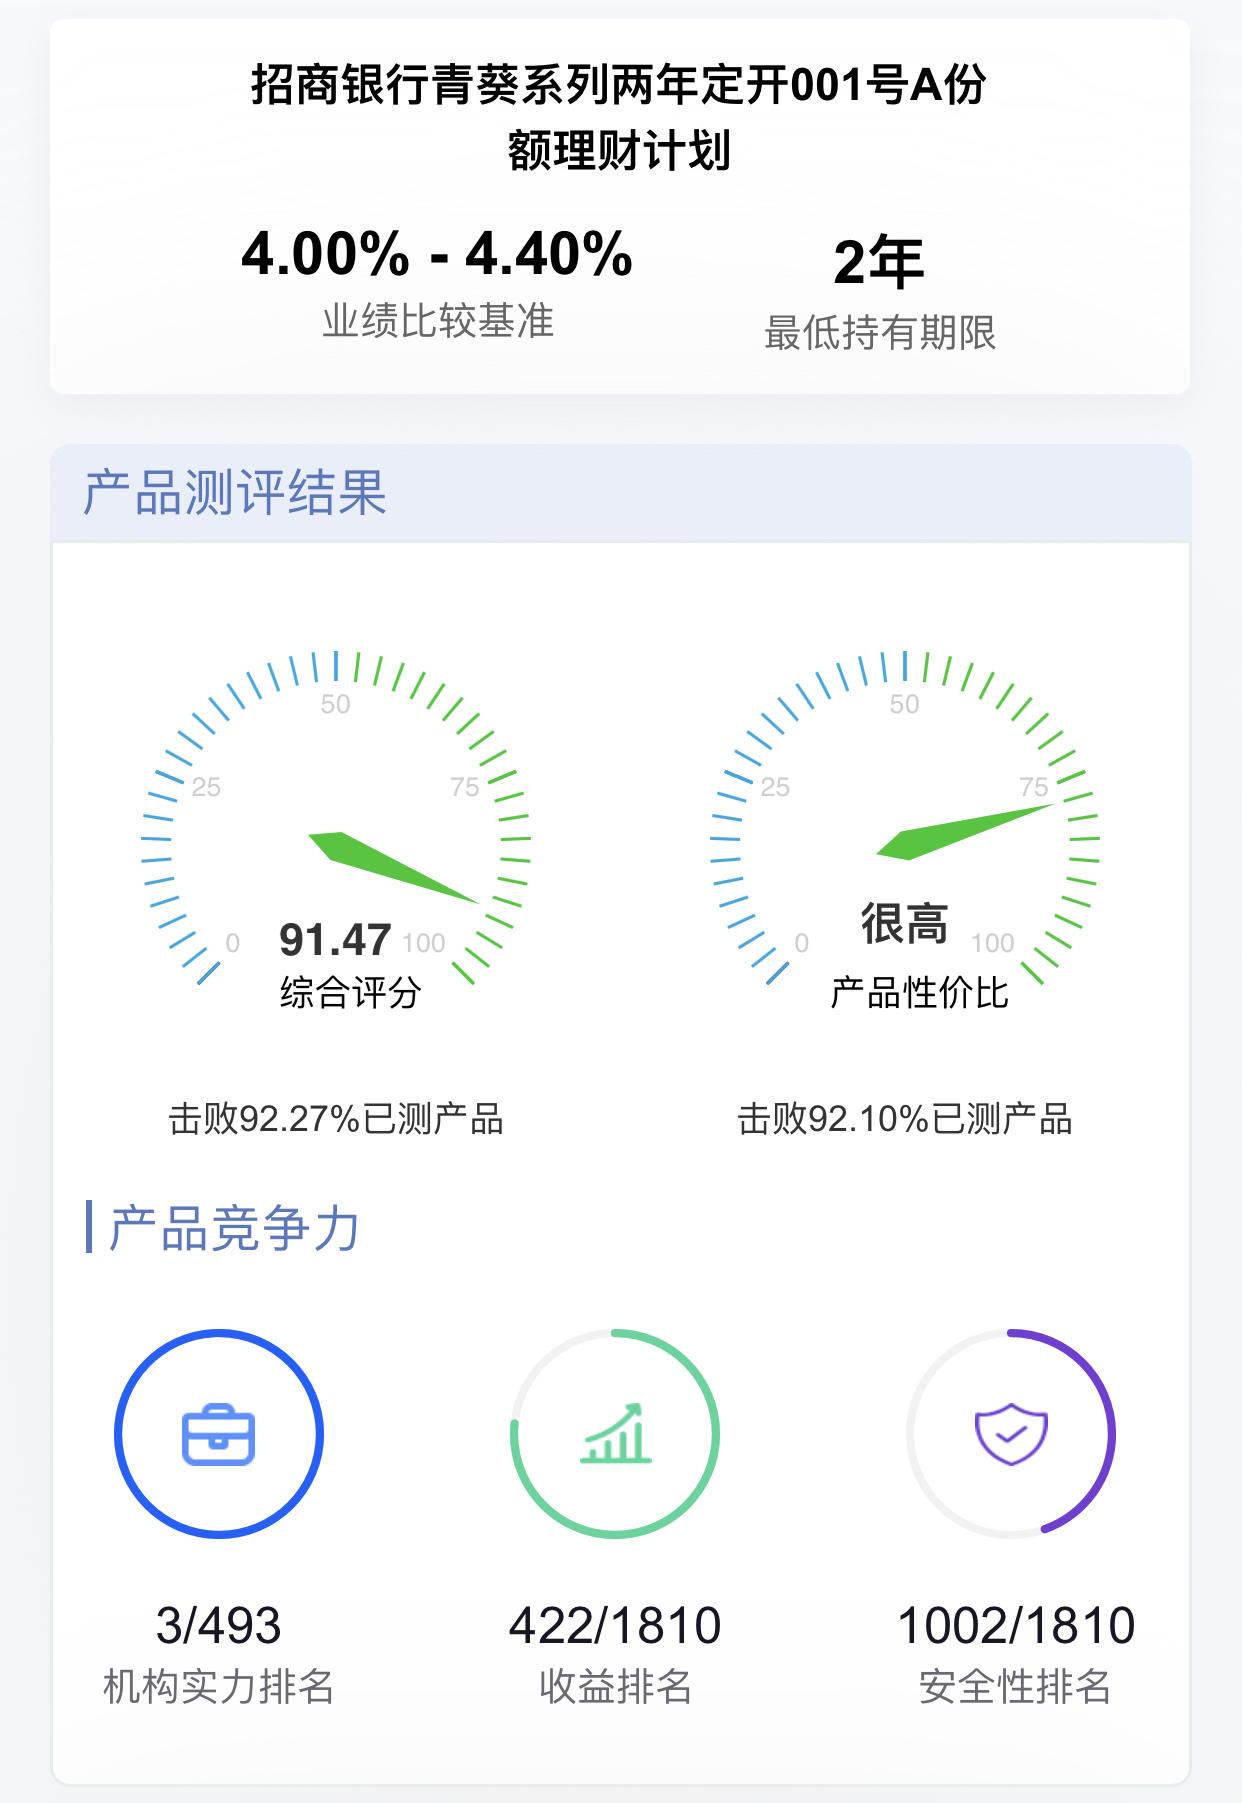 理财产品测评:招商银行・青葵系列两年定开001号A份额理财计划